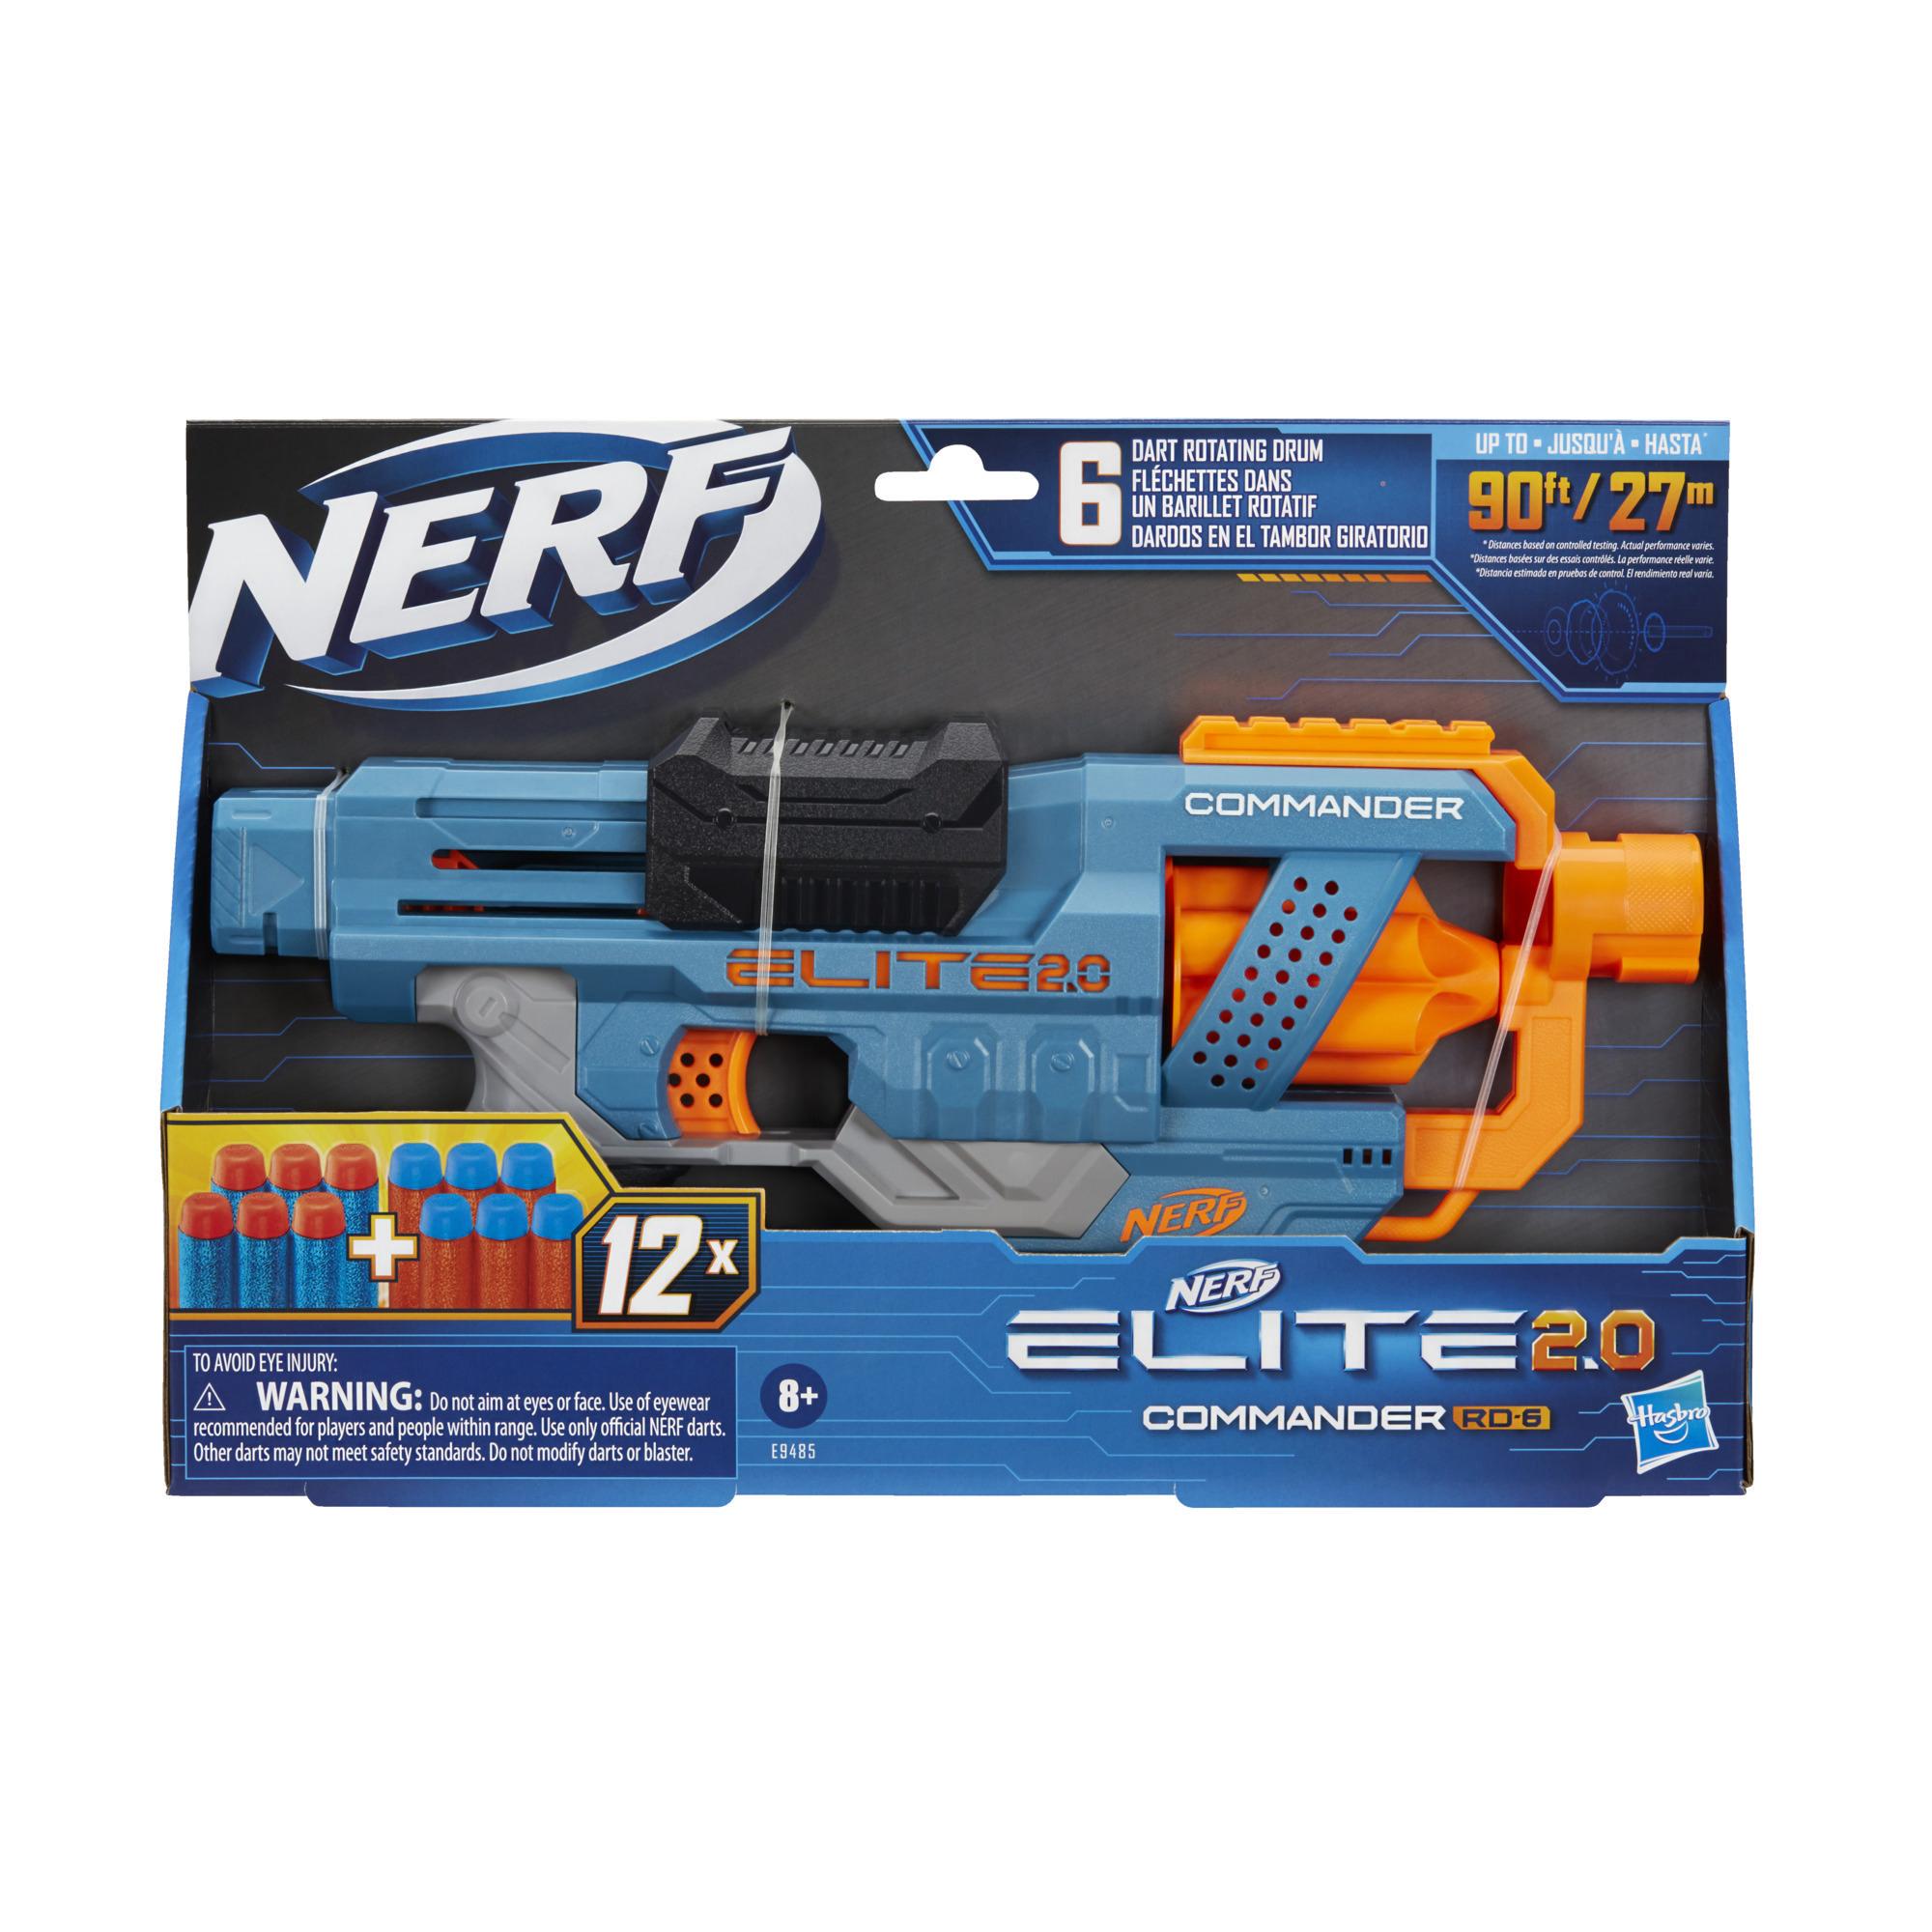 Nerf Elite 2.0, blaster Commander RD-6, 12 fléchettes Nerf officielles, barillet rotatif 6 fléchettes, personnalisable